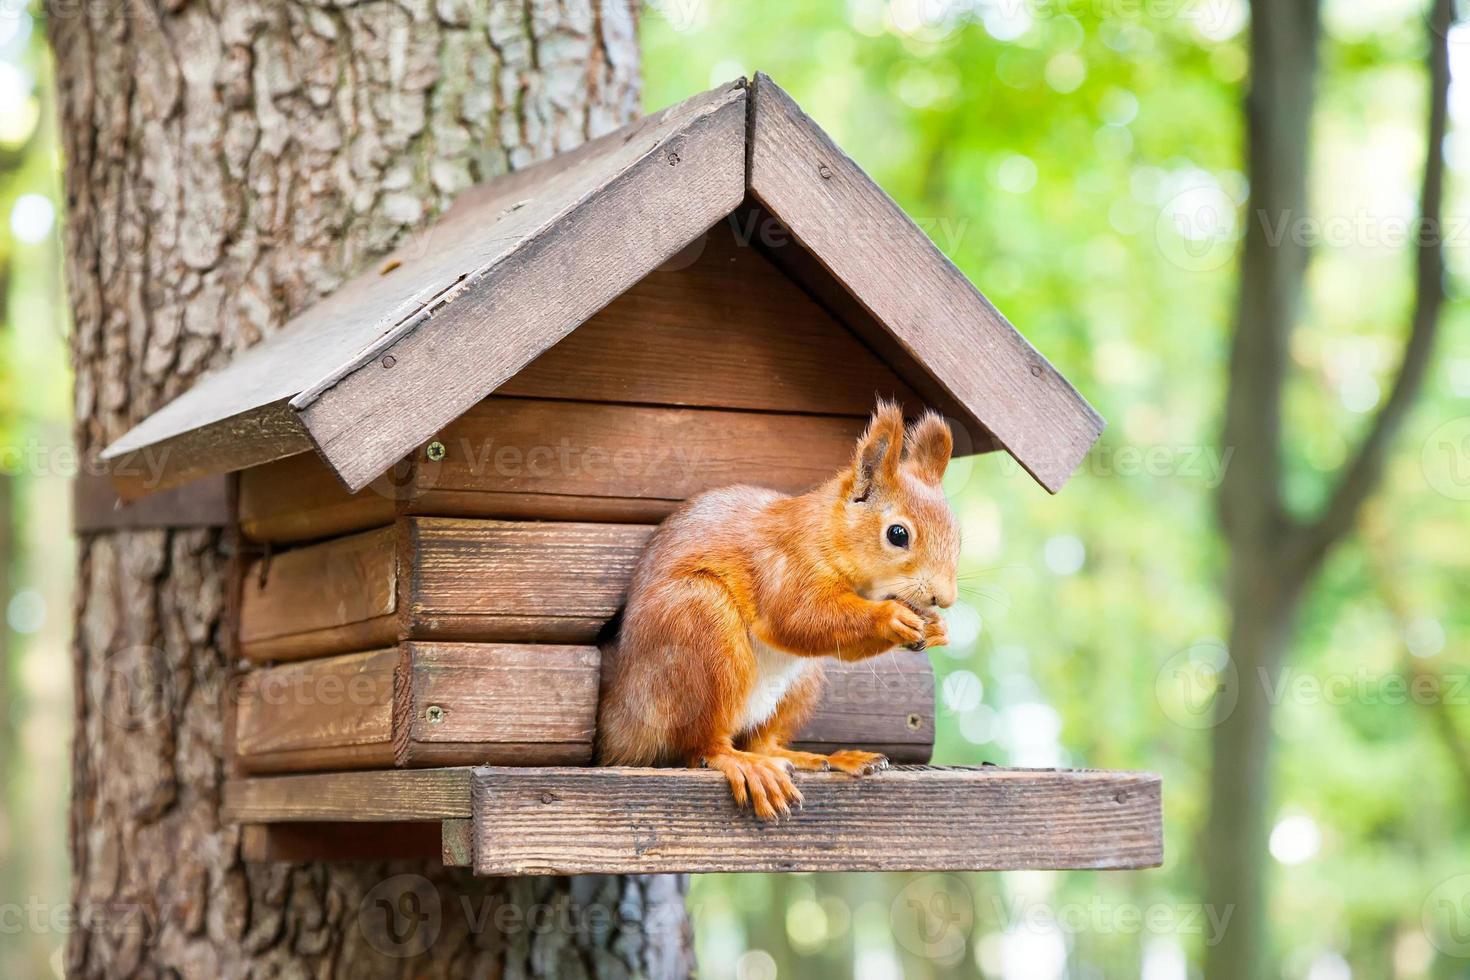 esquilo selvagem come em sua casa foto